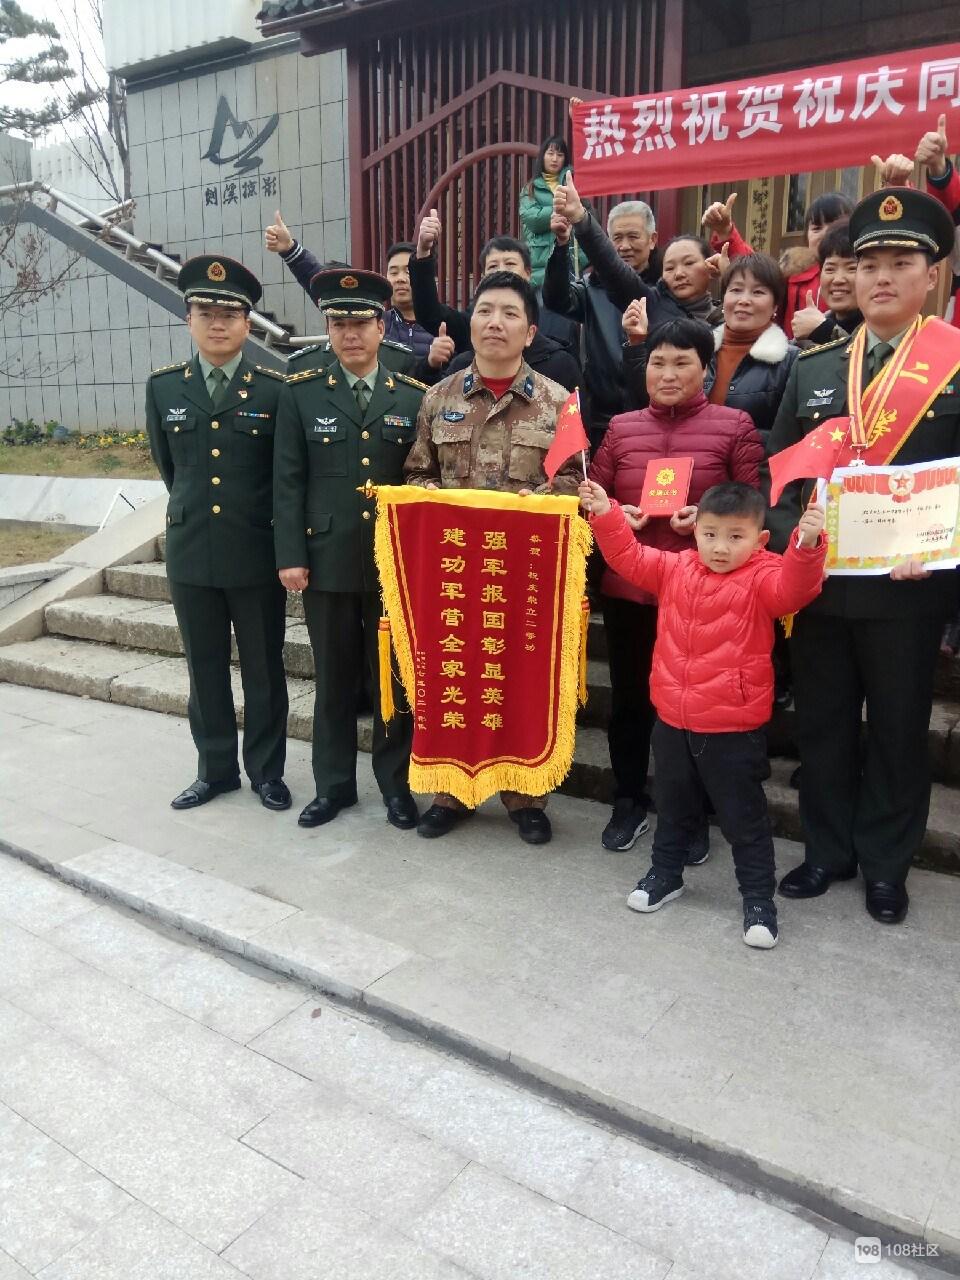 嵊州人在军营里荣获二等功值得庆贺是嵊州人的荣耀